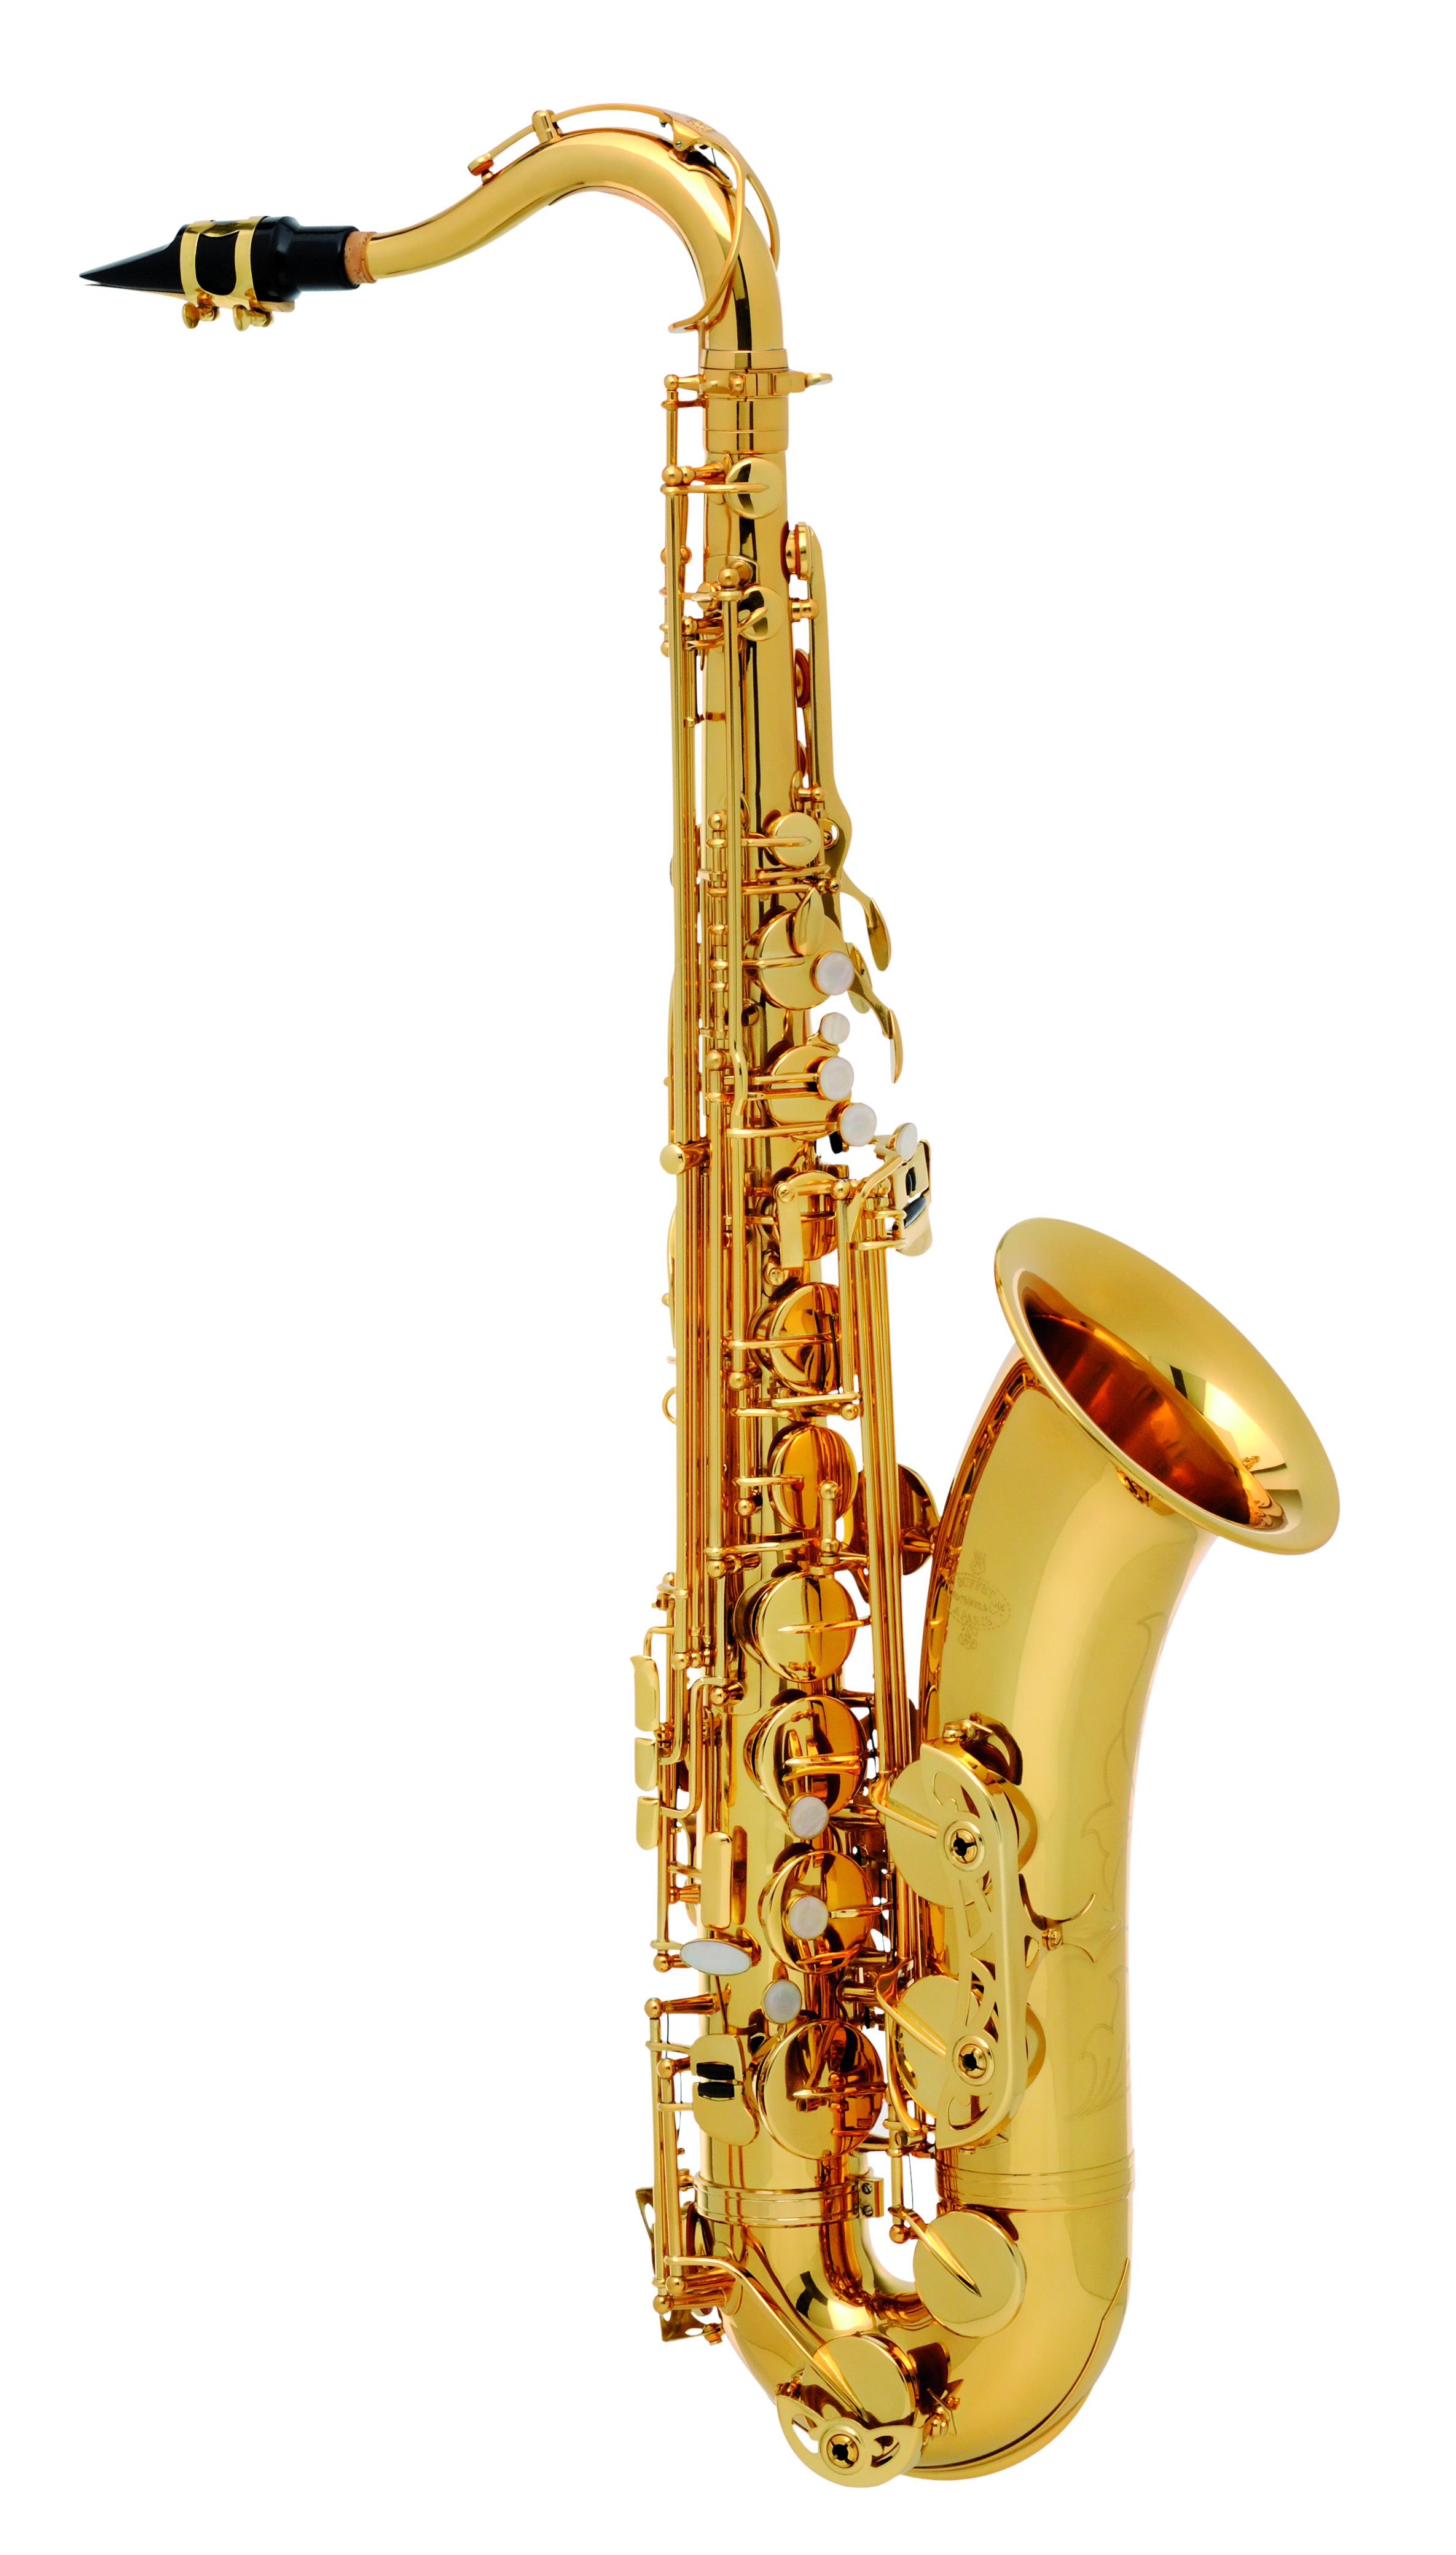 Buffet - BC - 8102 - 1 - 0 - Serie 100 - Holzblasinstrumente - Saxophone | MUSIK BERTRAM Deutschland Freiburg